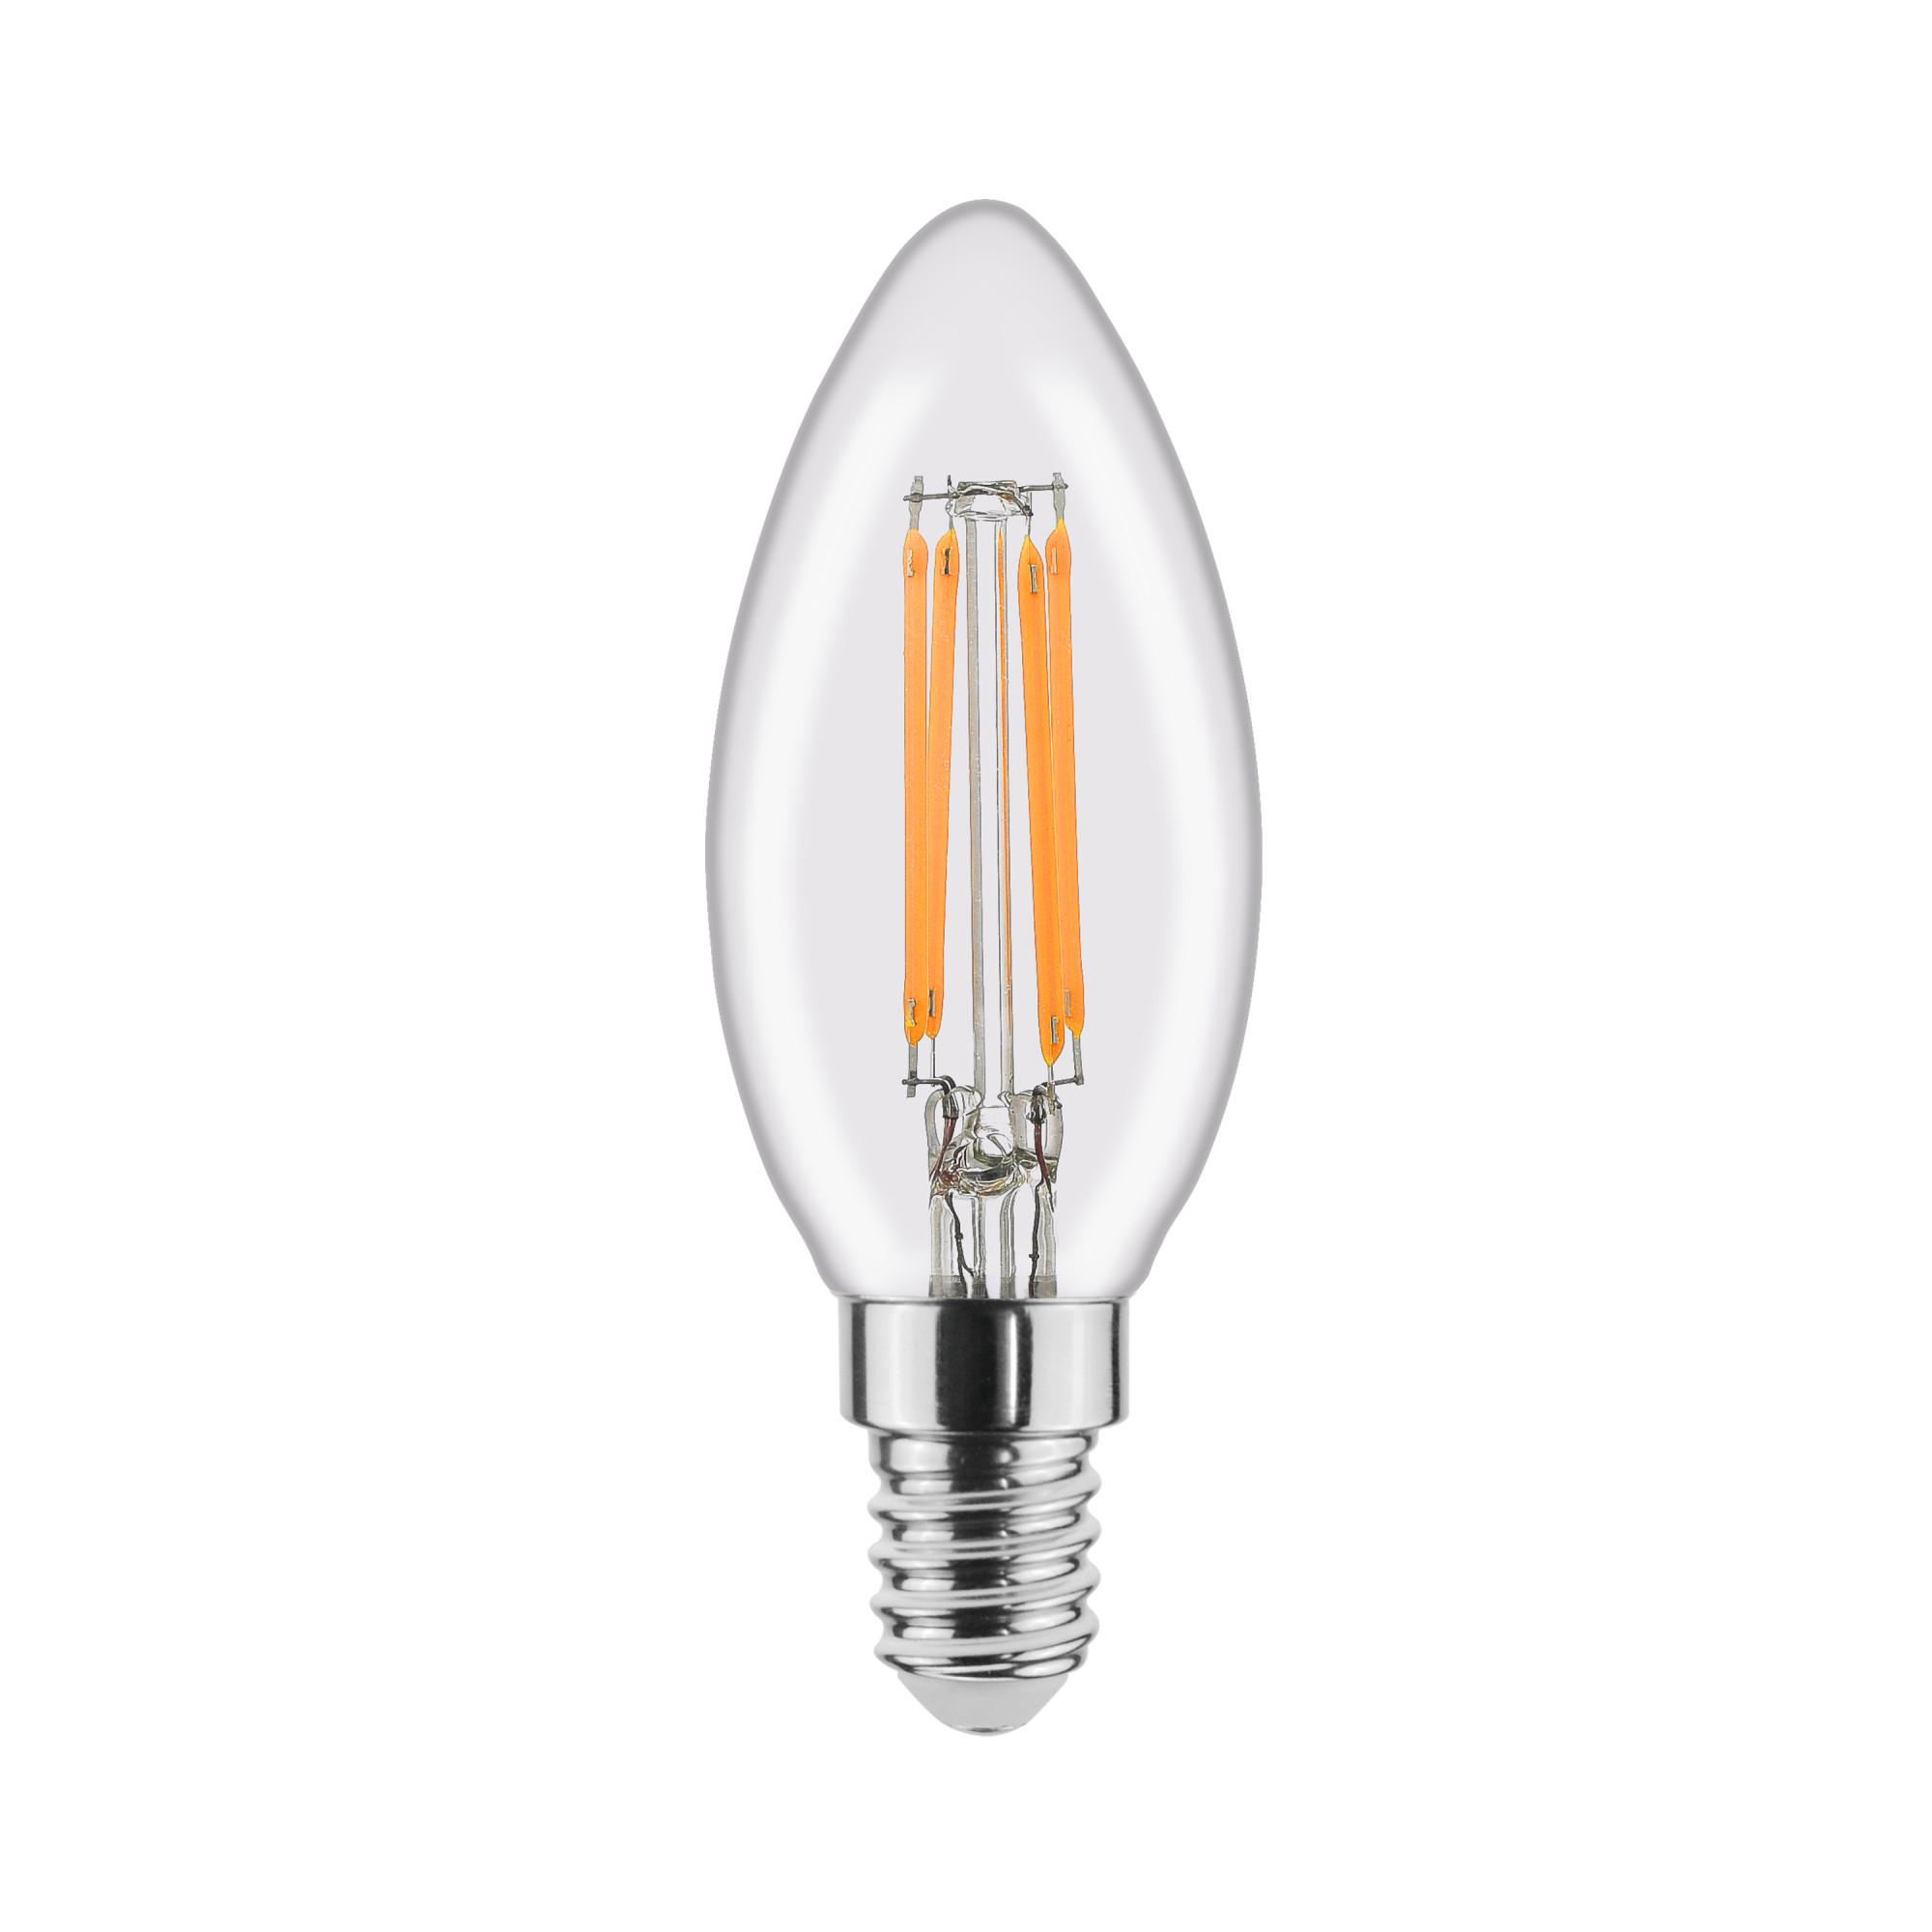 Лампа светодиодная филаментная Lexman E14 220 В 4.5 Вт свеча прозрачная 470 лм белый свет